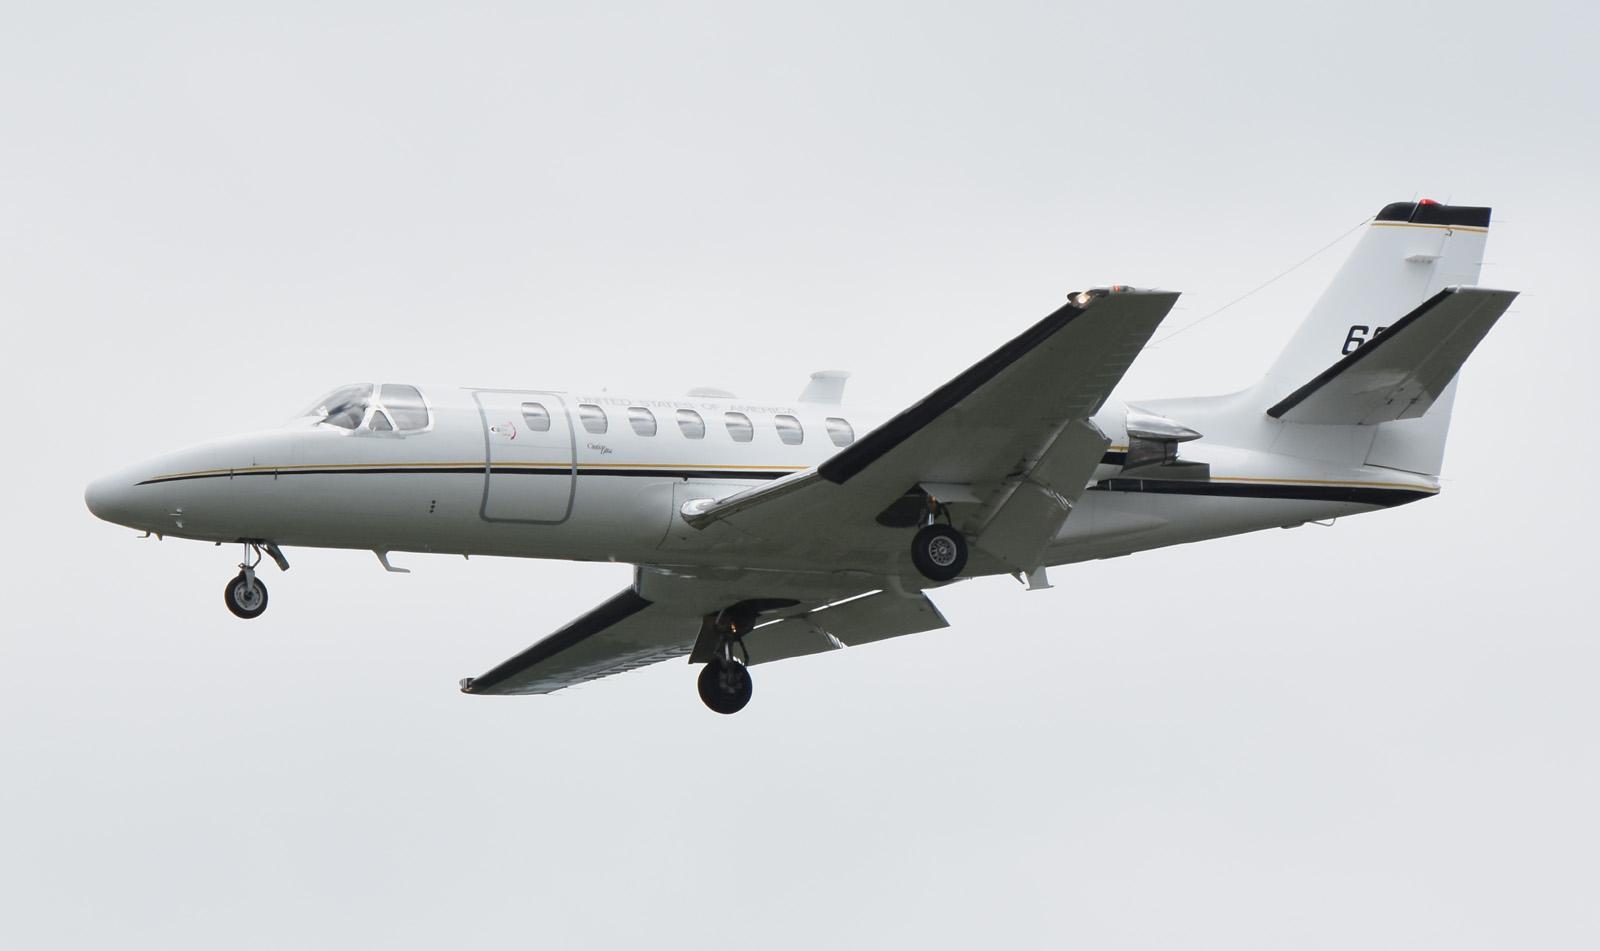 Uc35a160801g254